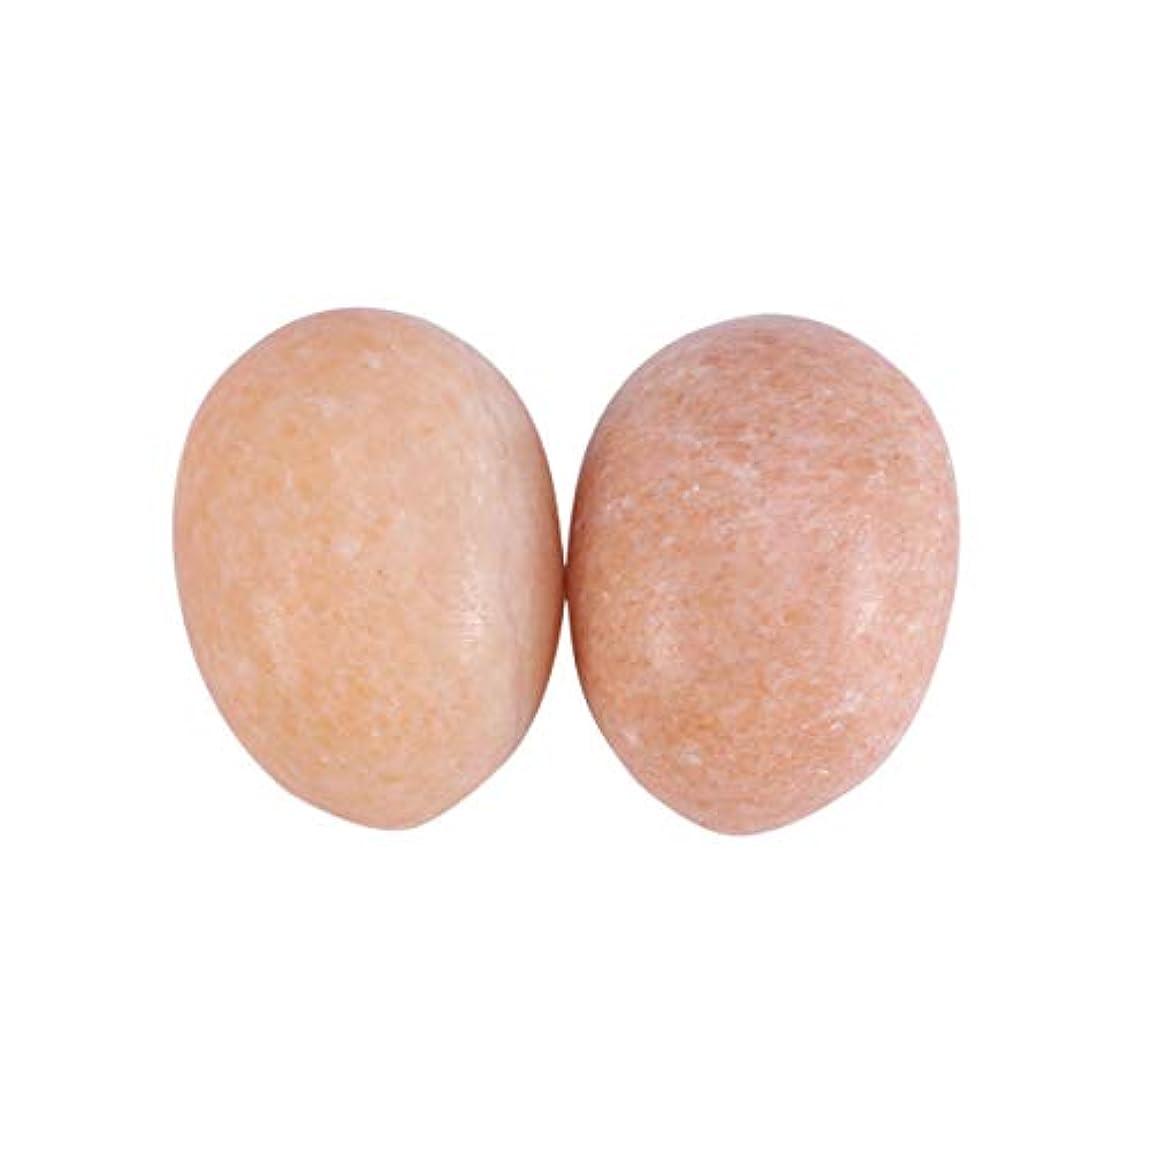 コンチネンタル明日対応するHealifty 6PCS玉ヨニ卵マッサージ癒しの石のケゲル運動骨盤底筋運動(日没赤)